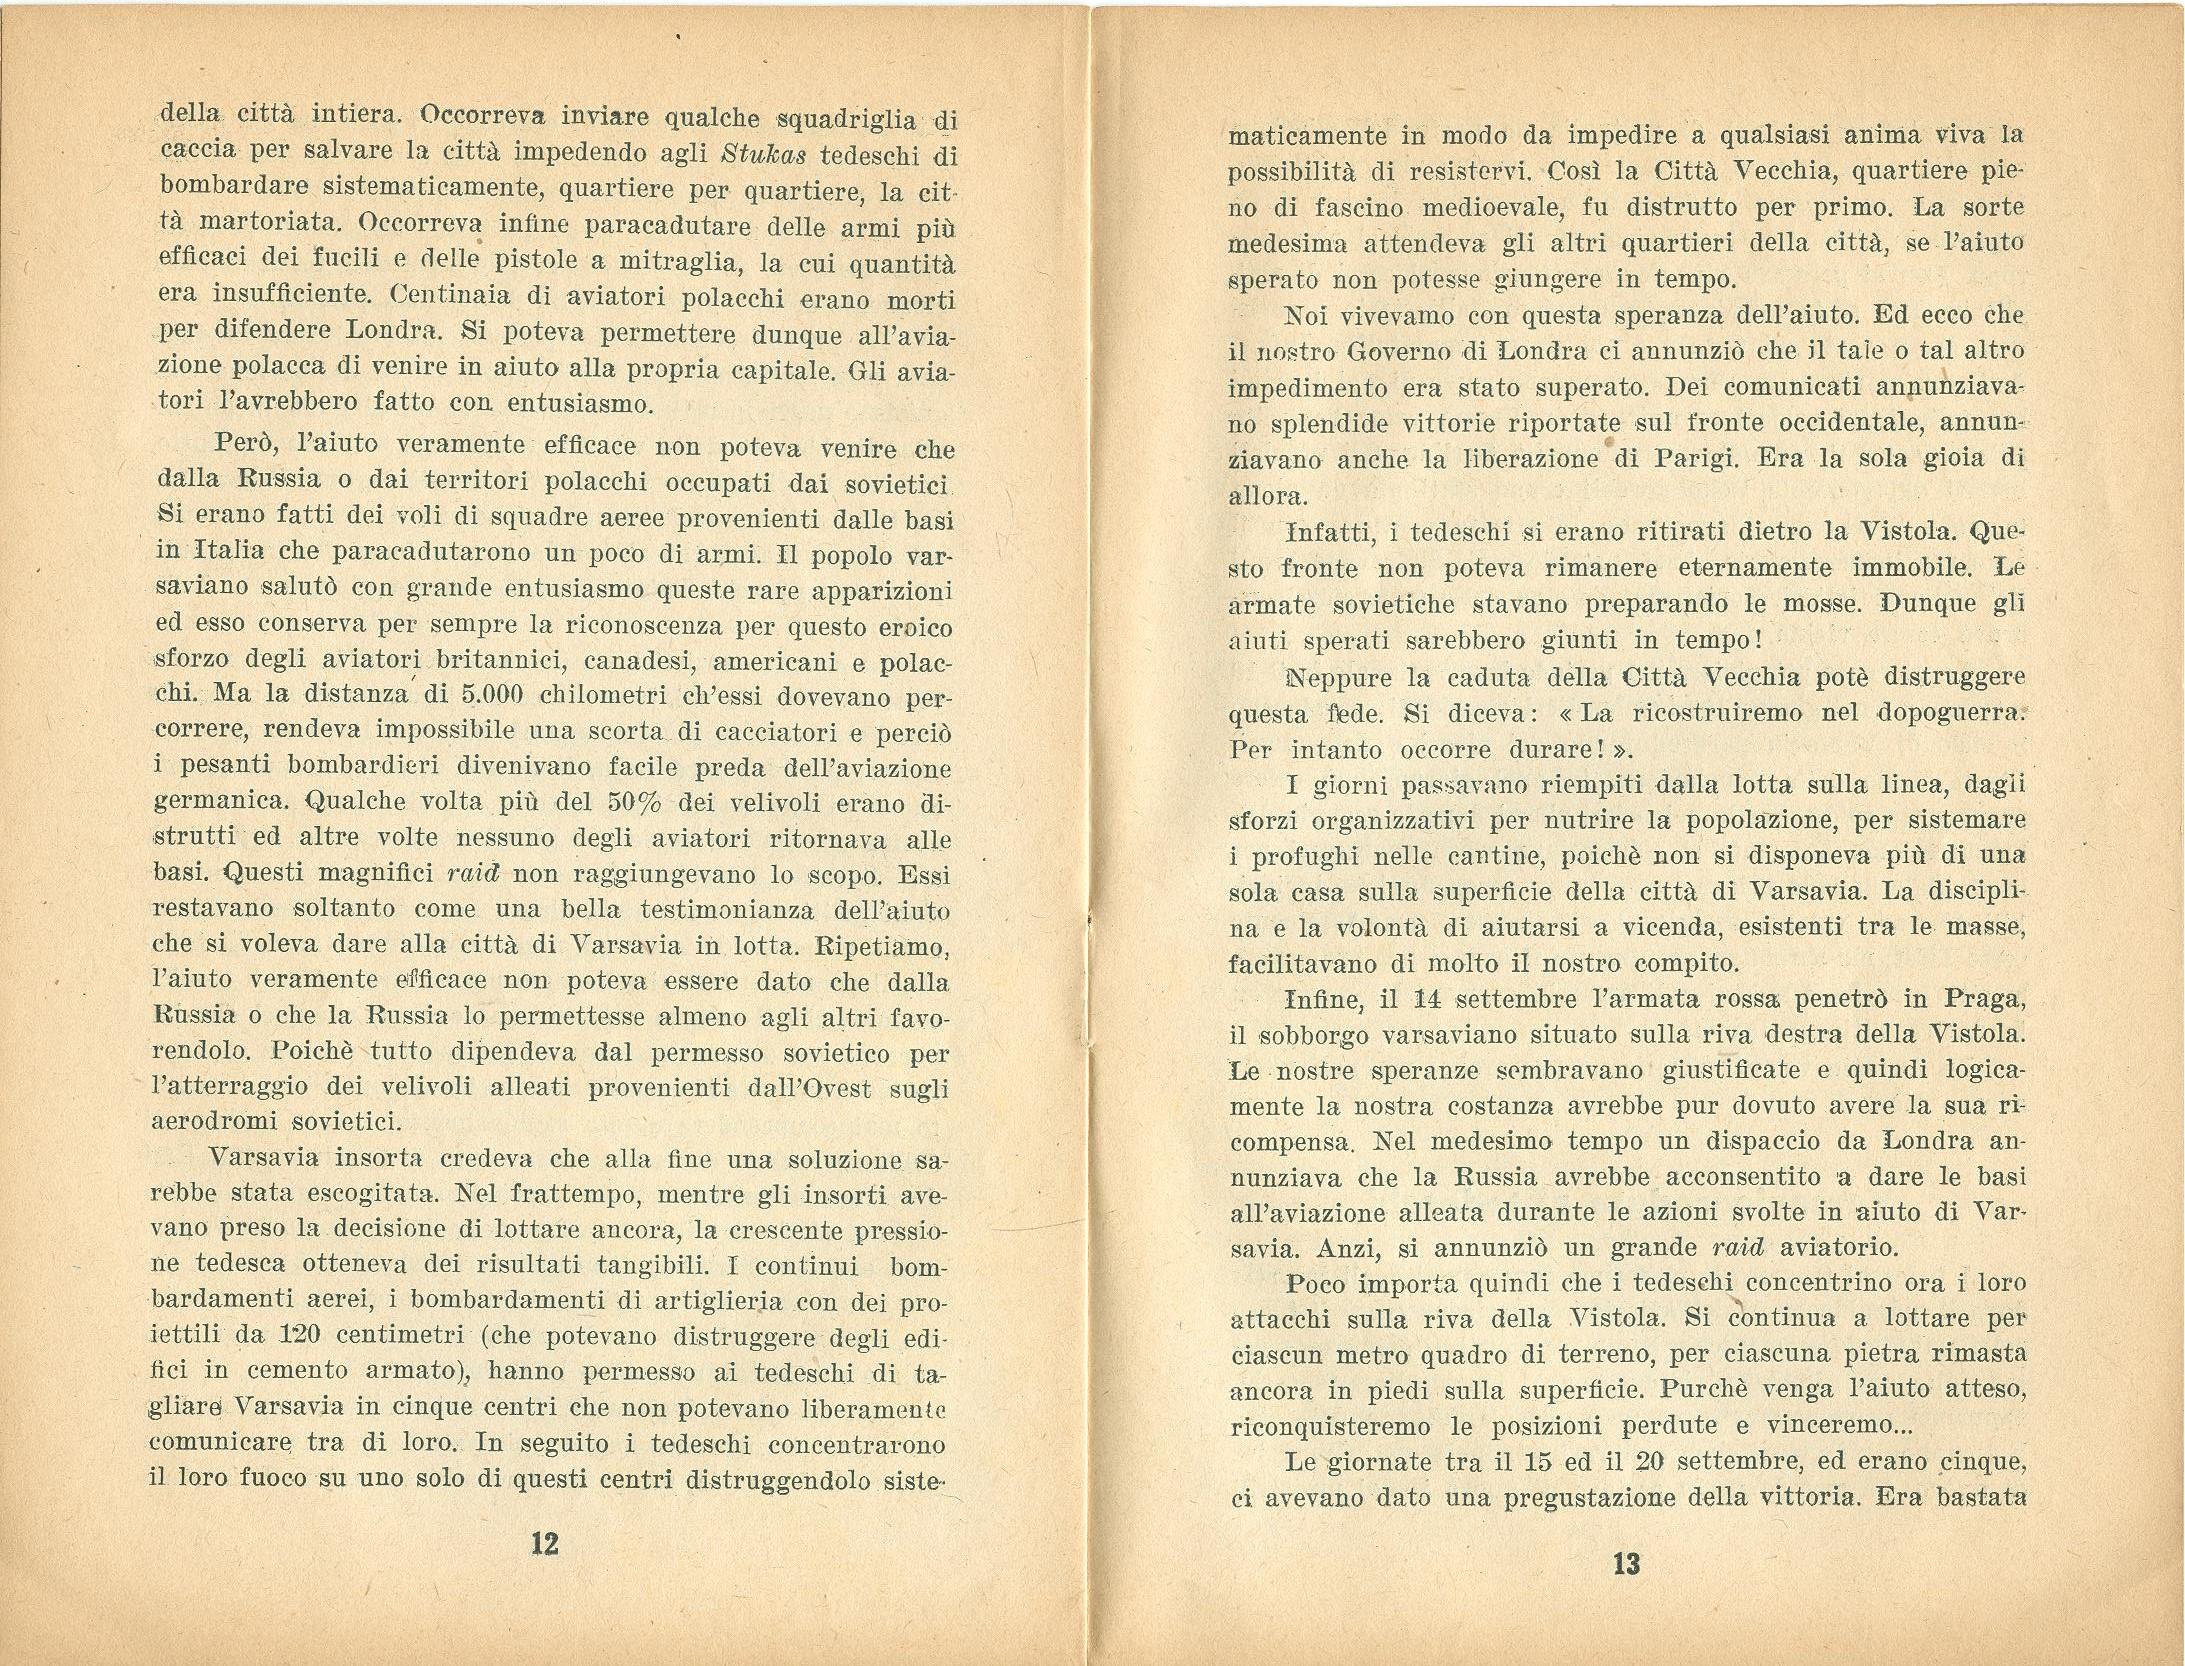 Zygmunt Zaremba, La verità sull'insurrezione di Varsavia nel 1944 (1946) - pag. 8